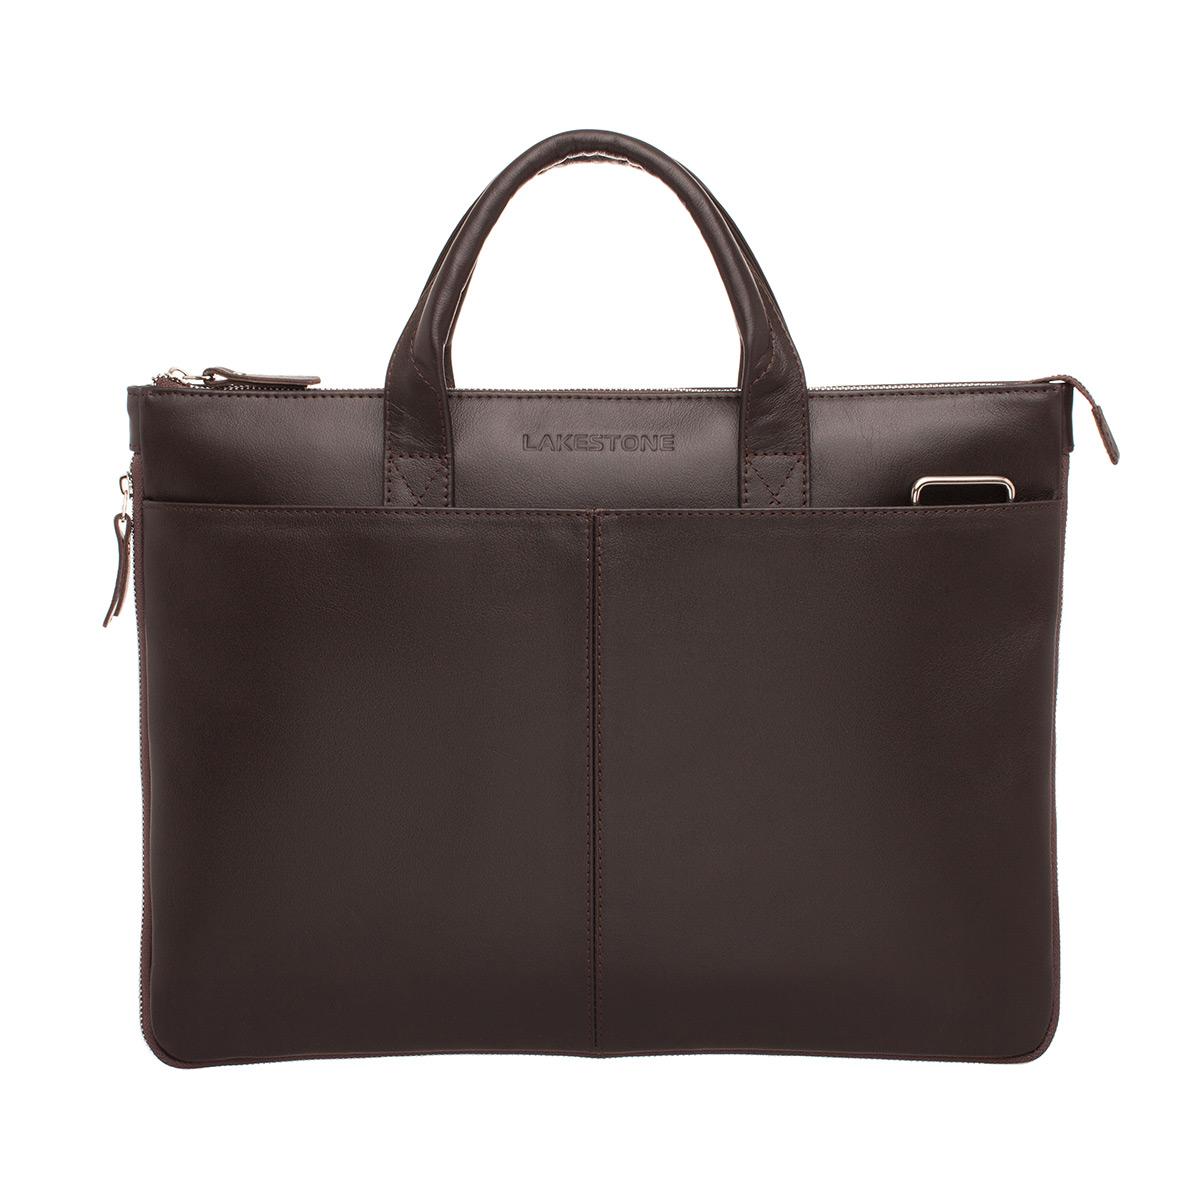 Деловая сумка Bolton Brown из кожи для ноутбука фото